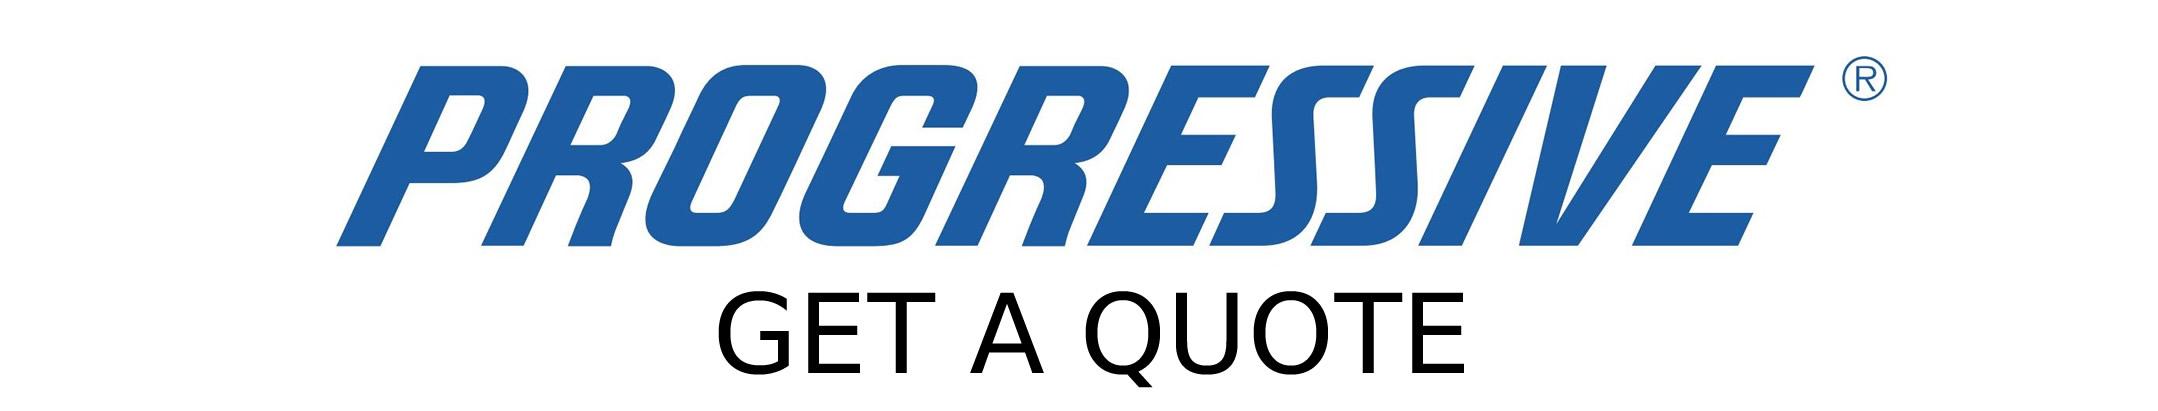 progressive_get_a_quote